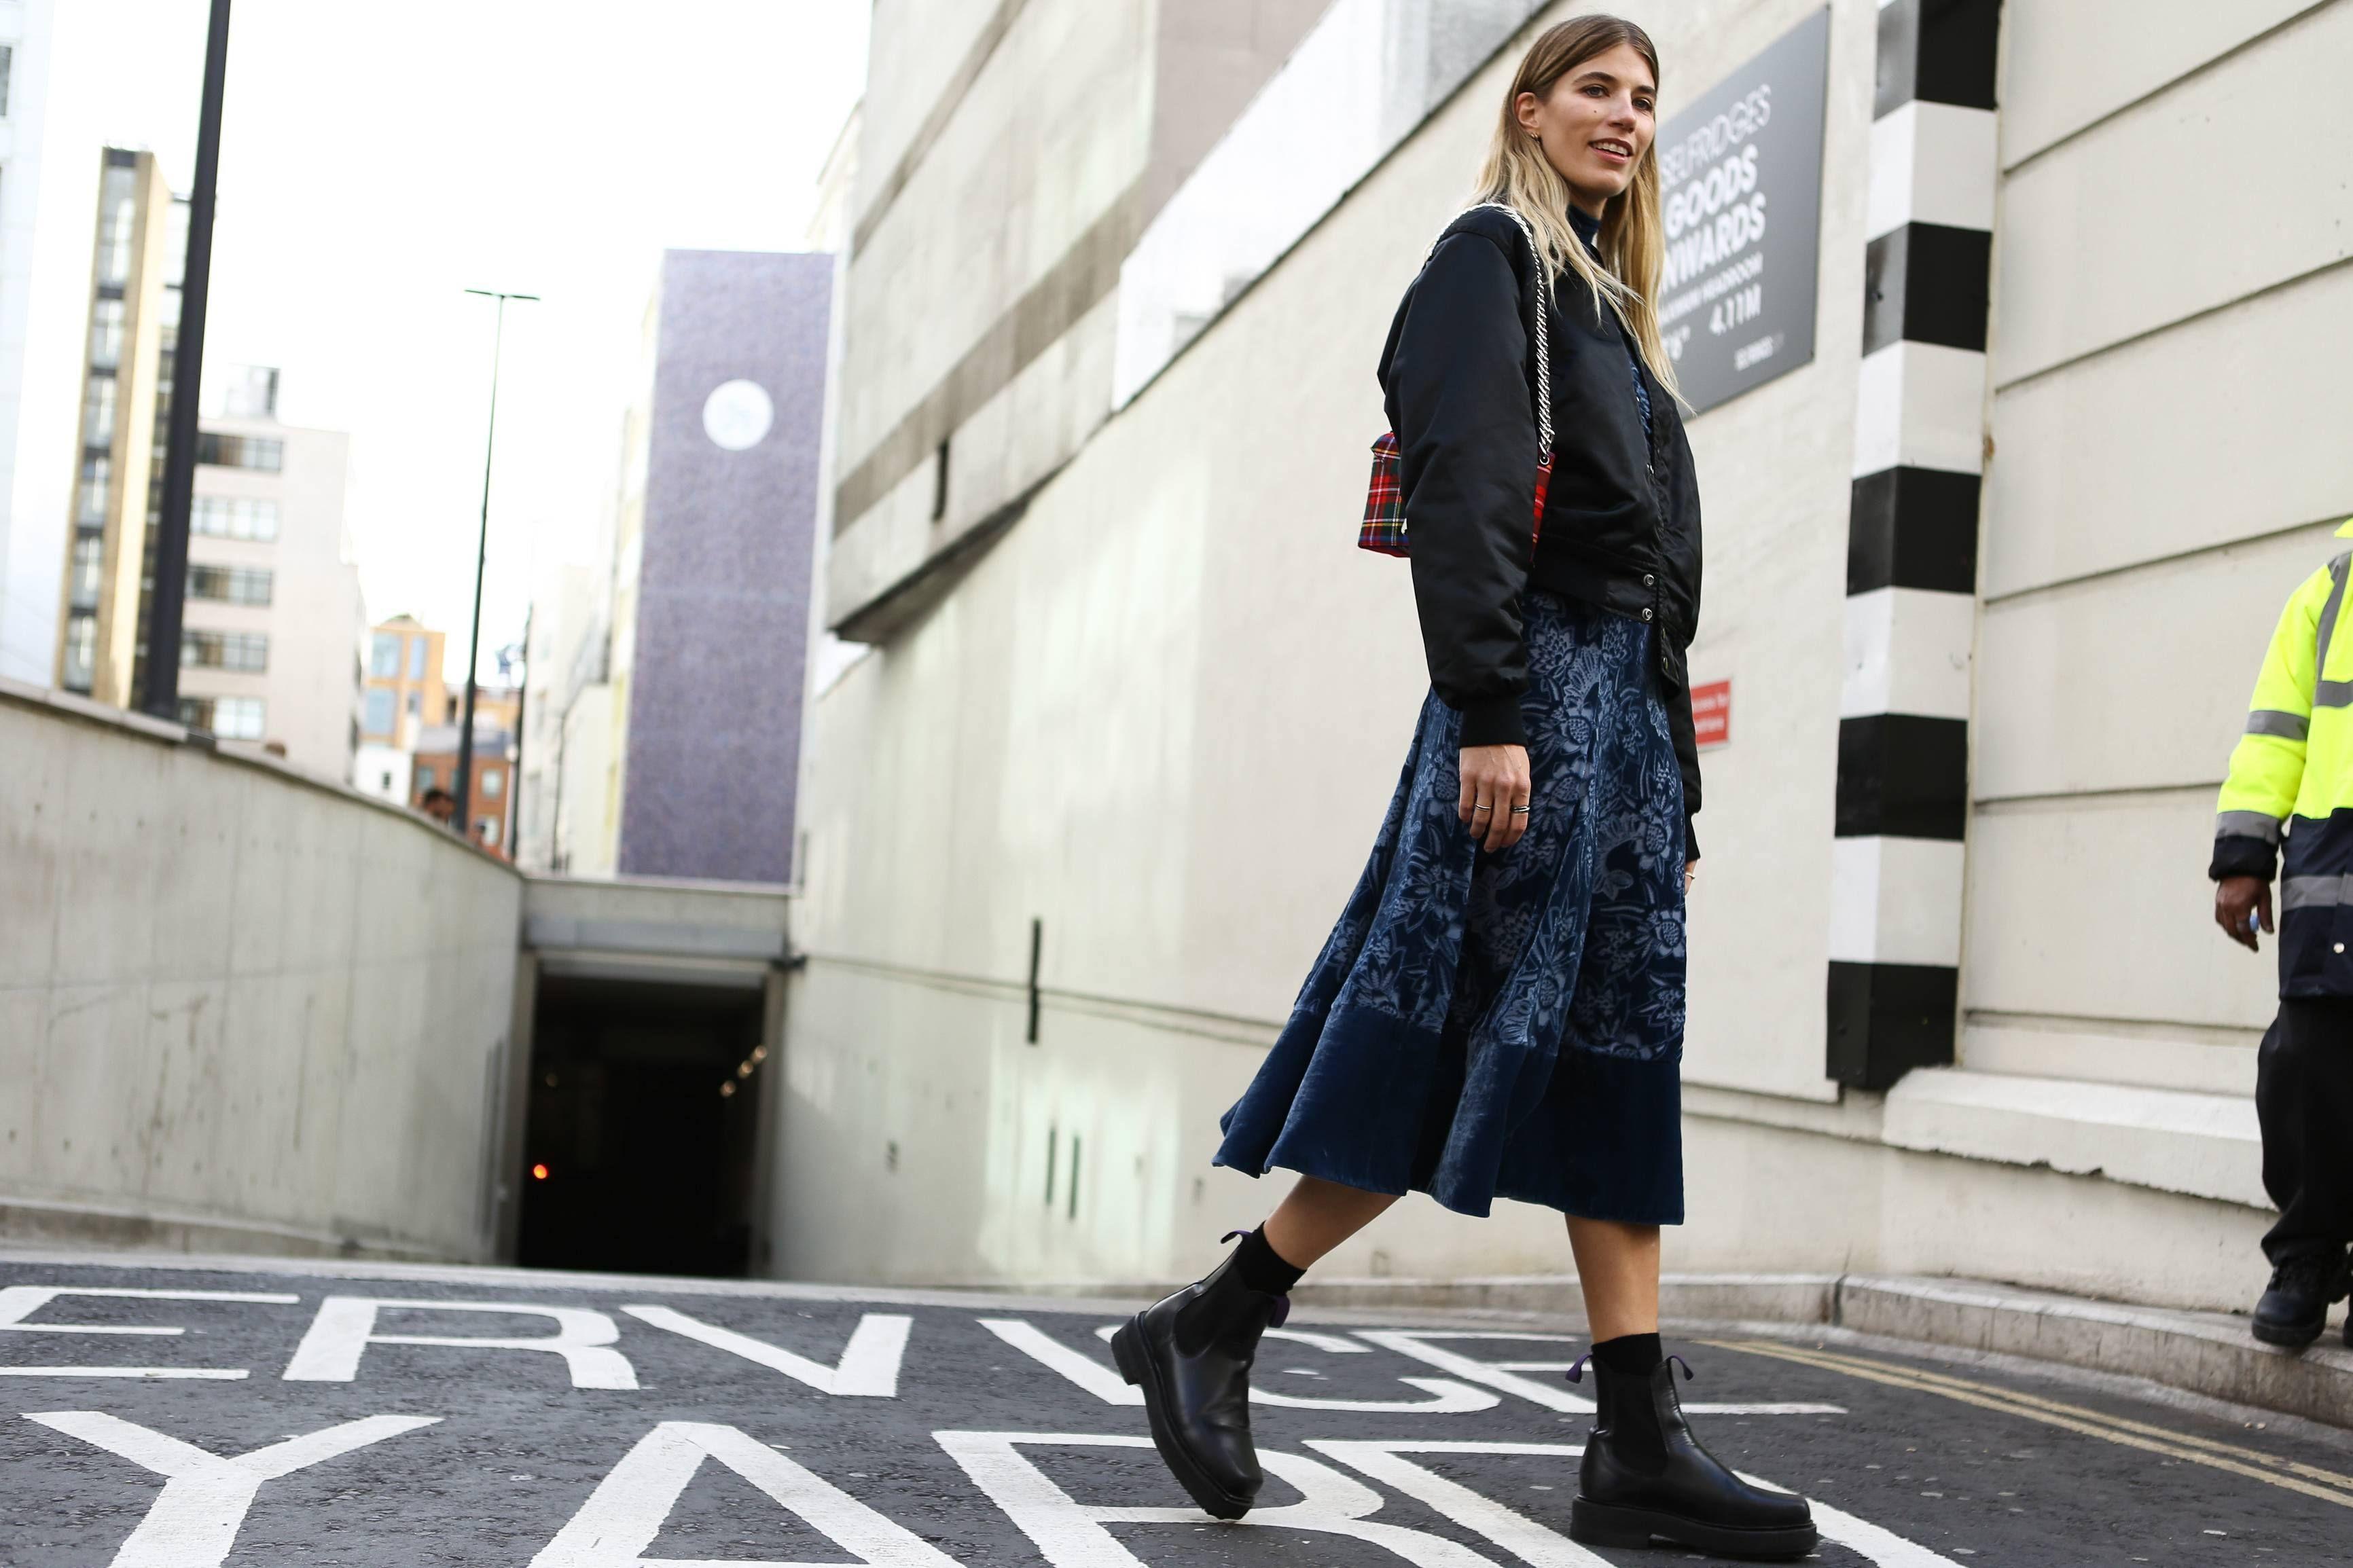 Kupite jednu od ovih 15 suknji i možete biti sigurne da ćete biti stylish!